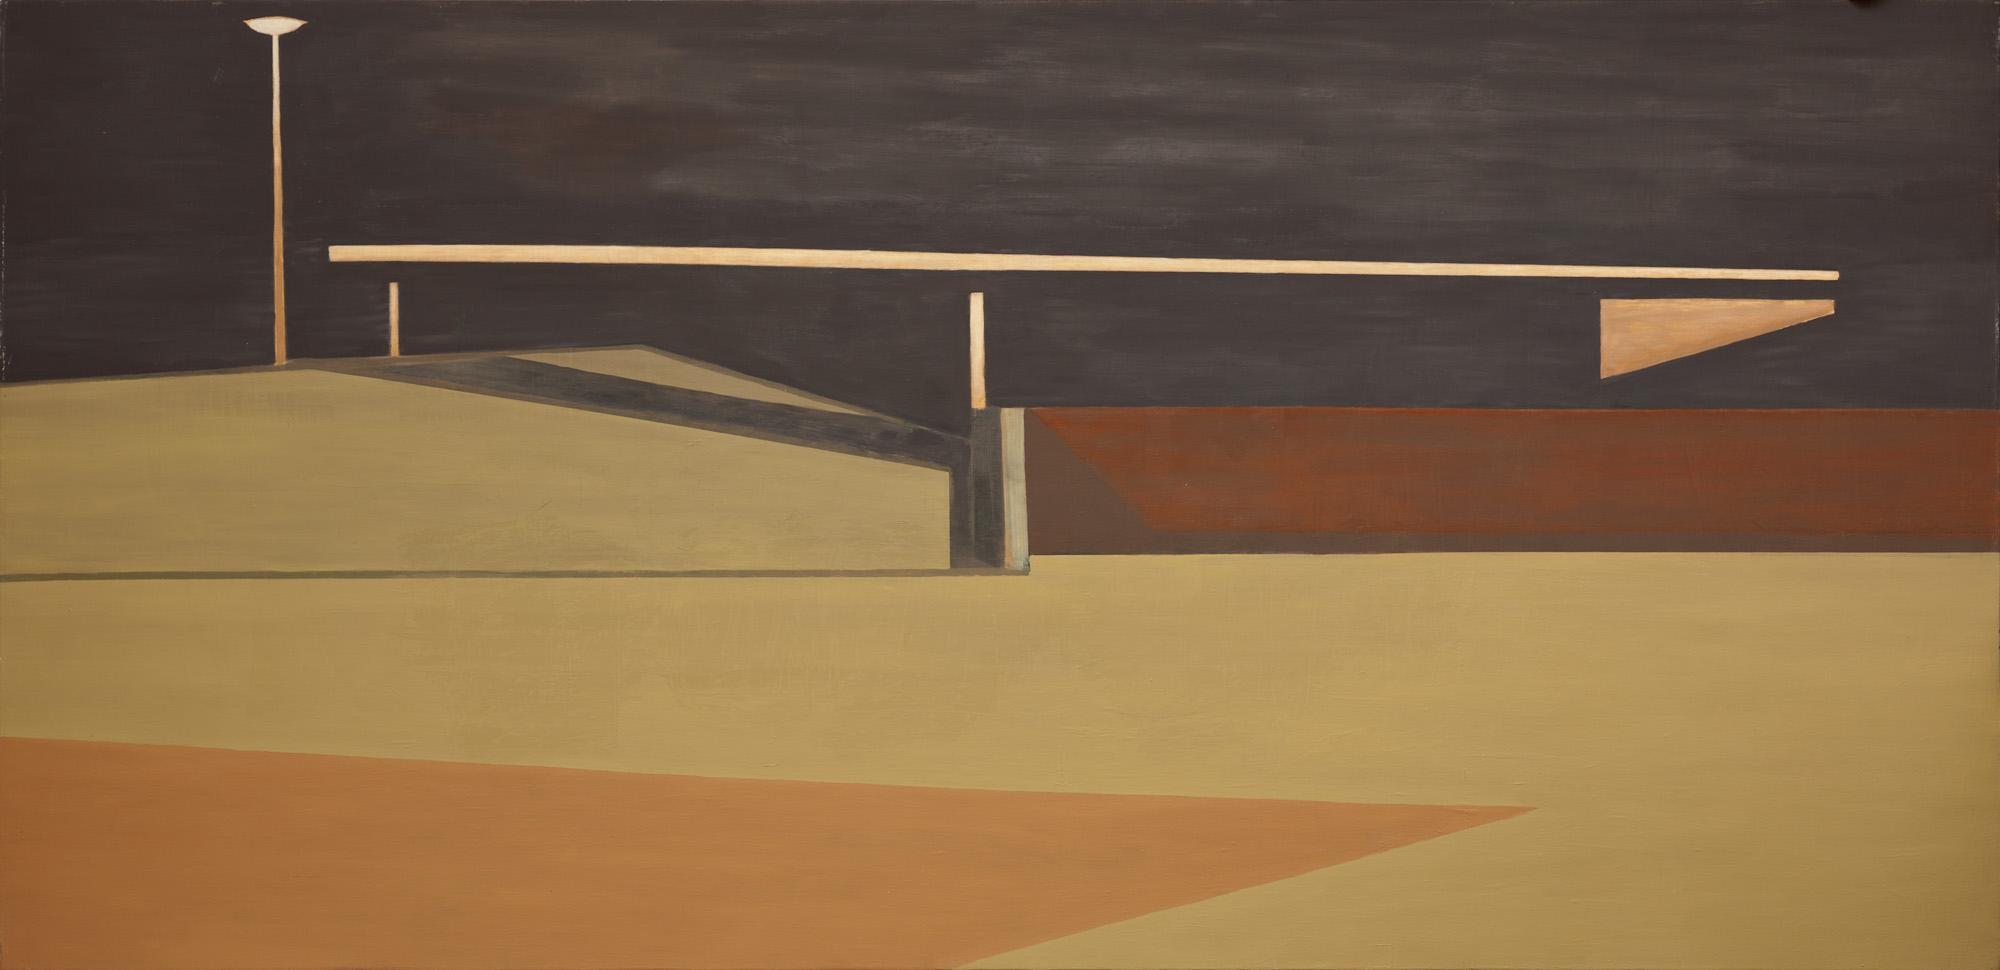 Night scene, olieverf op linnen, 370 x 180 cm, Nico Bakker